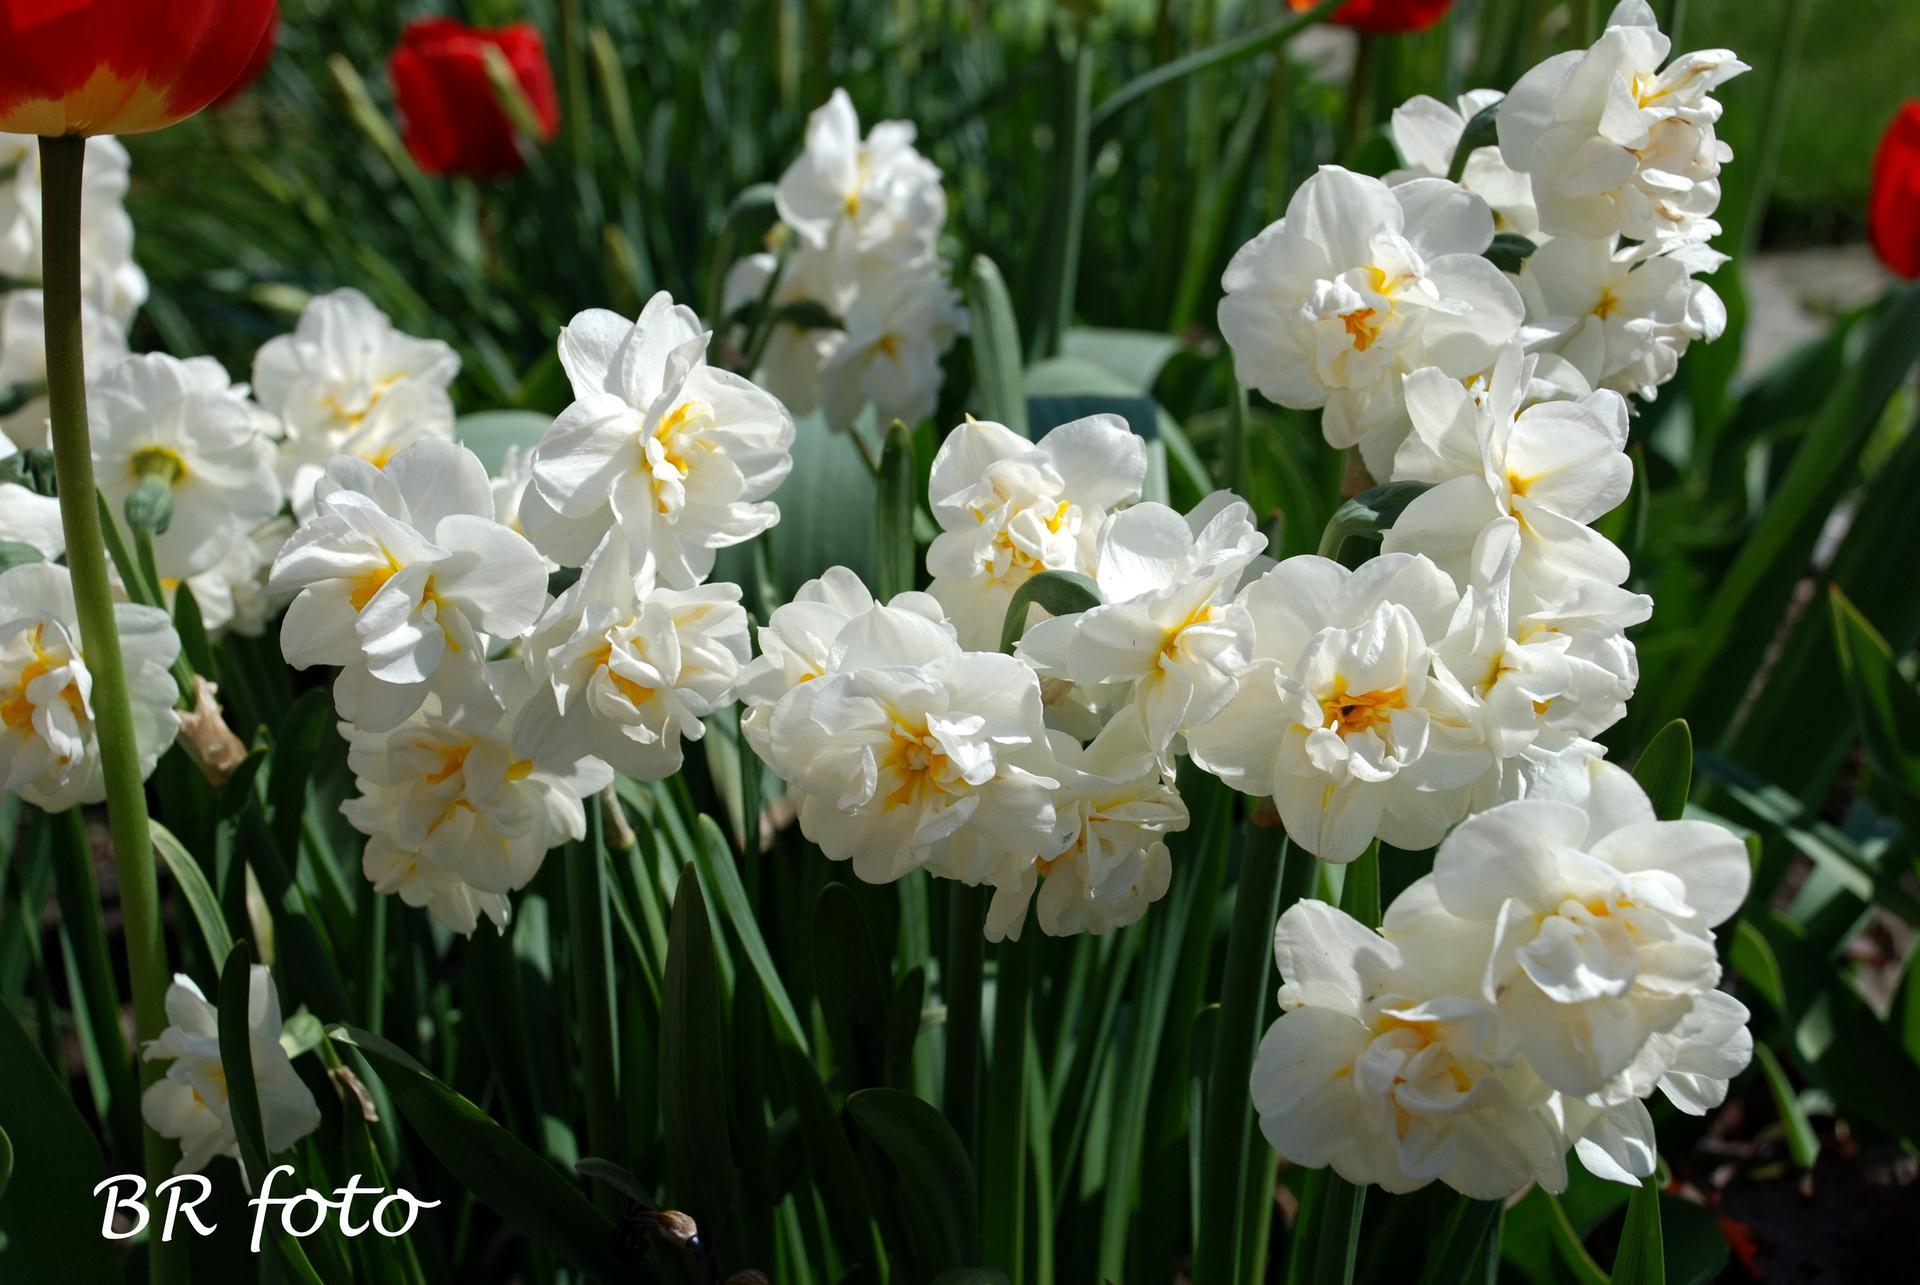 Pozvání do zahrady 2021 - tyhle narcisky miluju....letos jsou nádherné, krásně voní ve váze